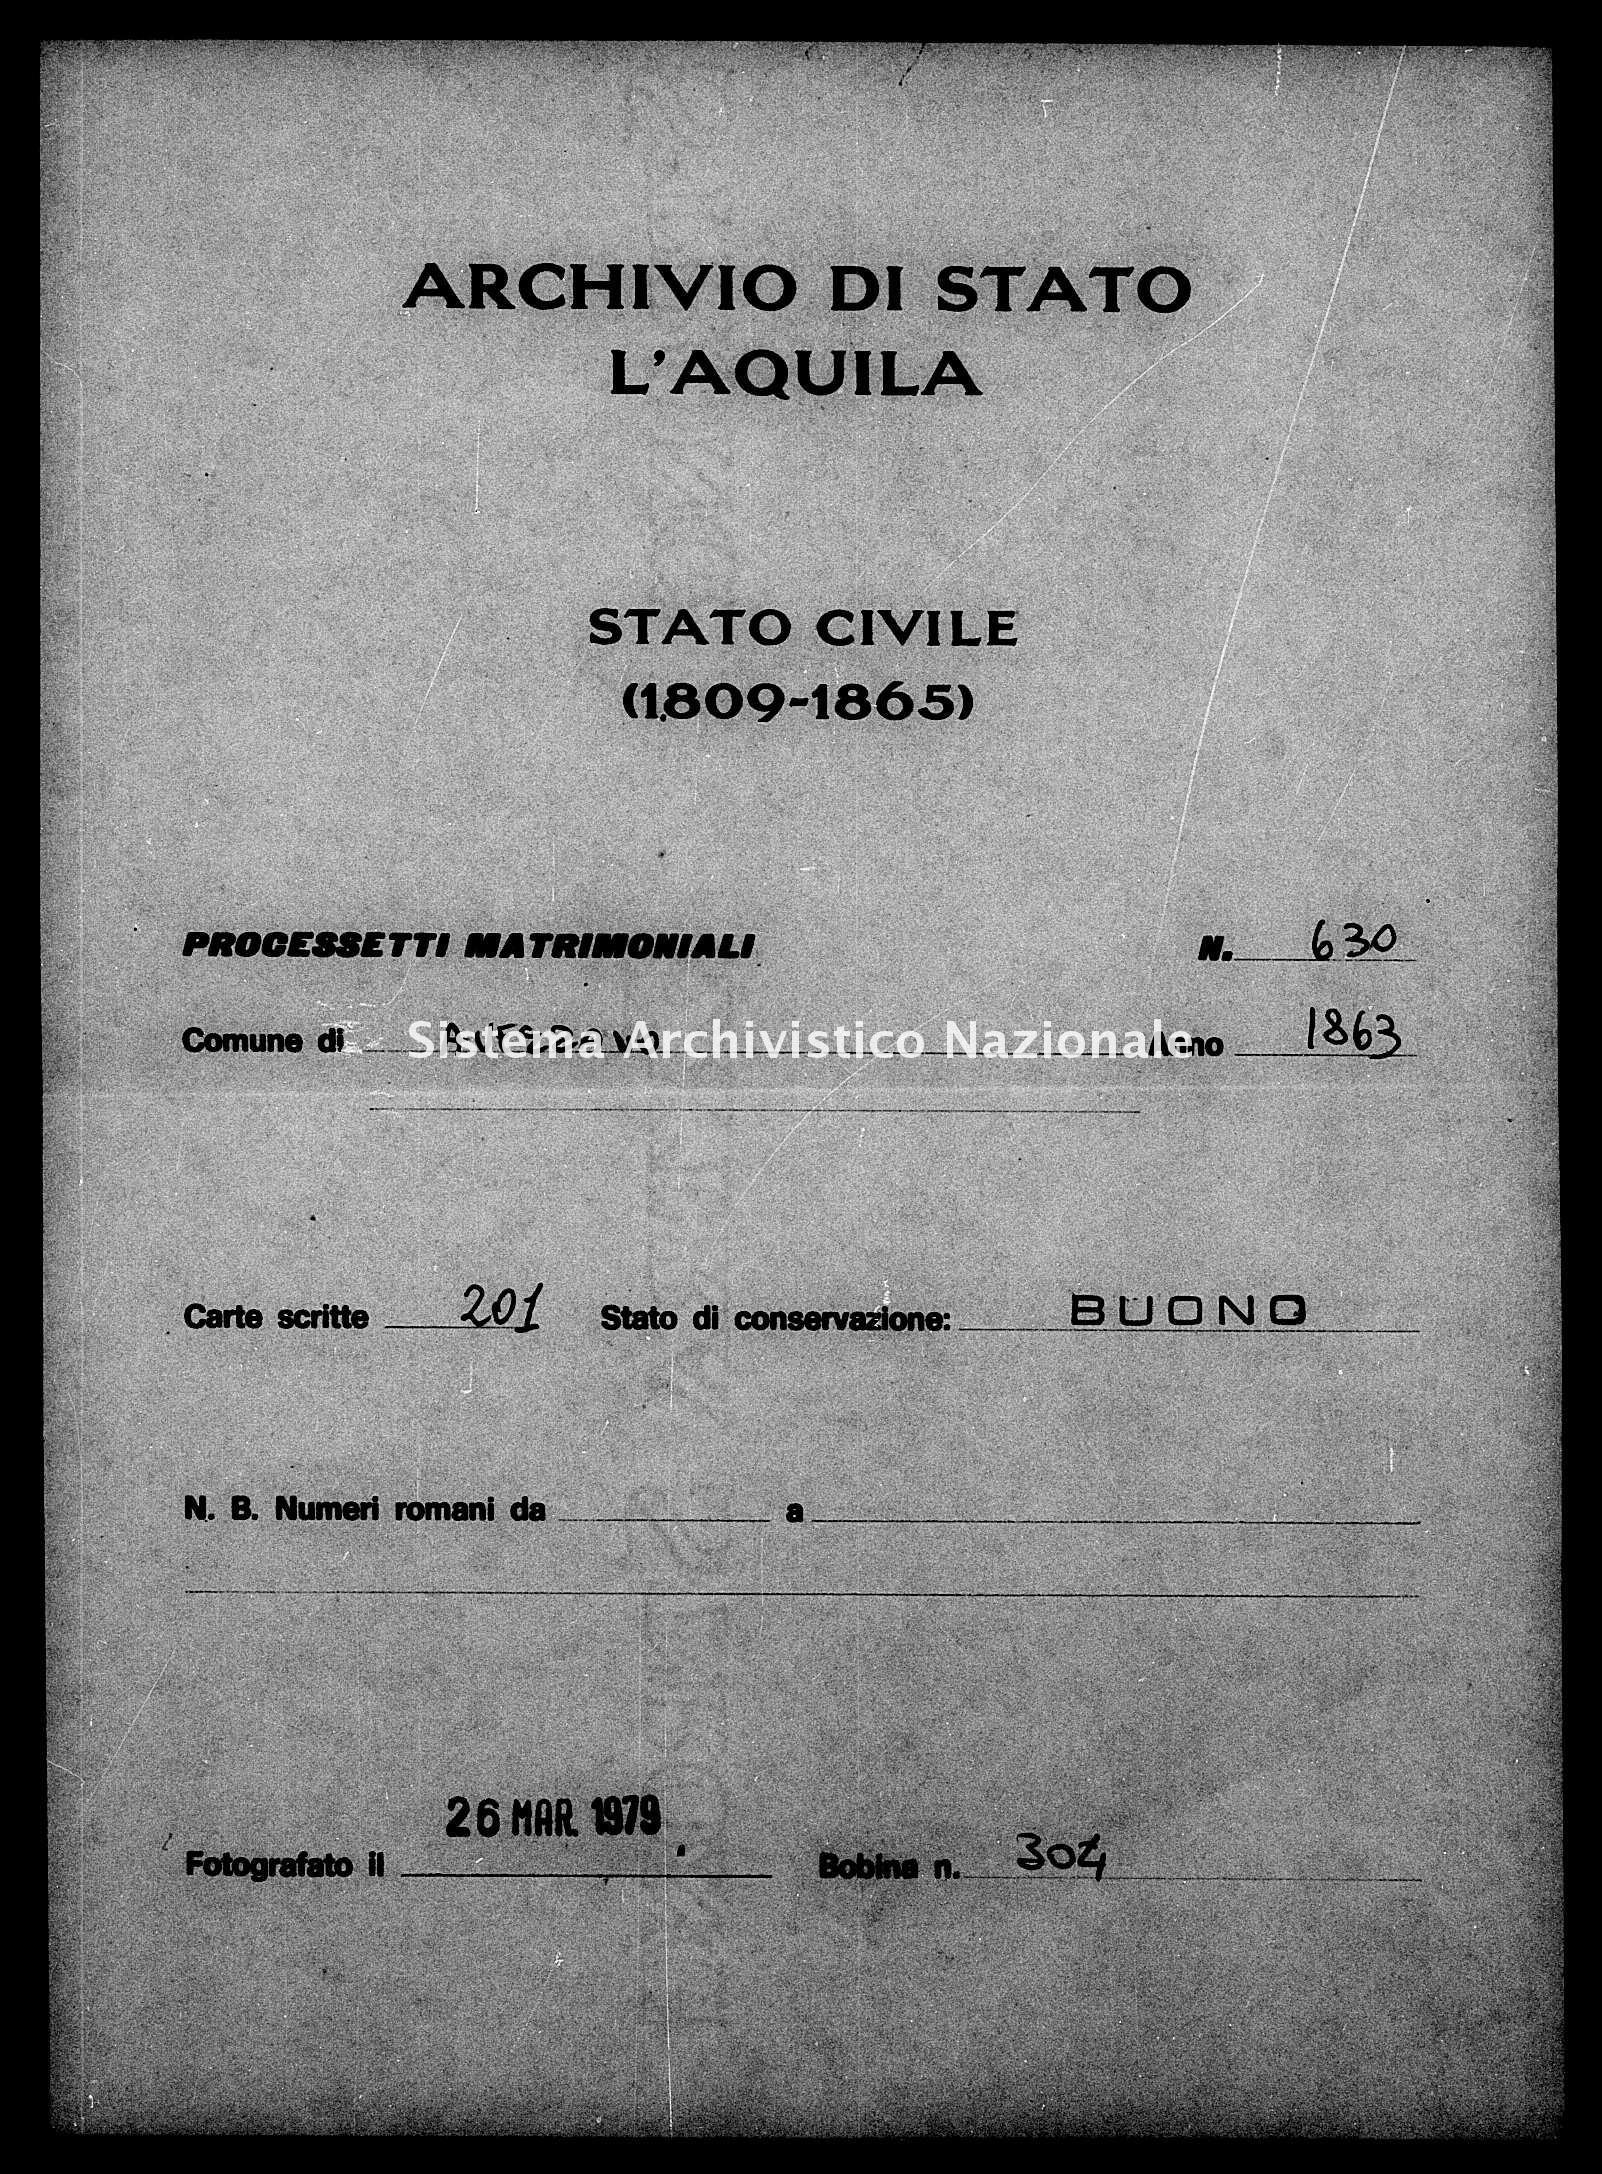 Archivio di stato di L'aquila - Stato civile italiano - Avezzano - Matrimoni, processetti - 1863 - 630 -